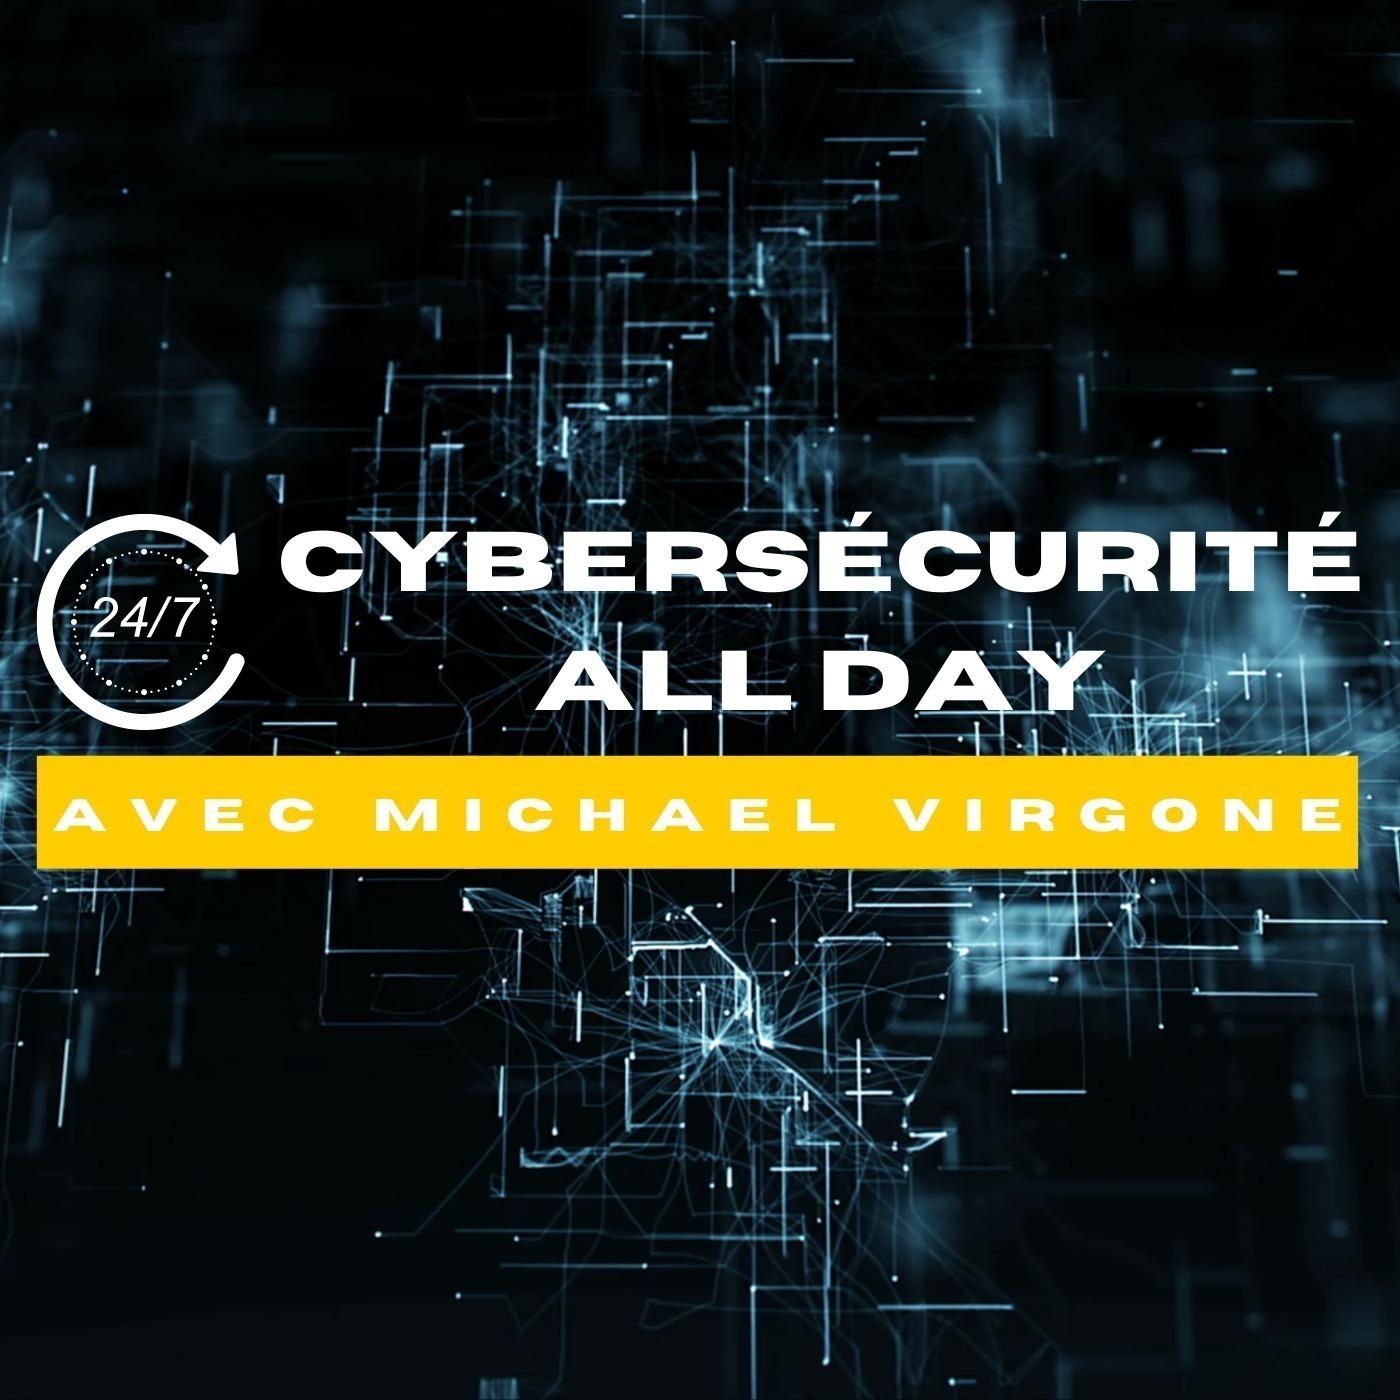 Les conséquences associées aux Cyber incidents   #10